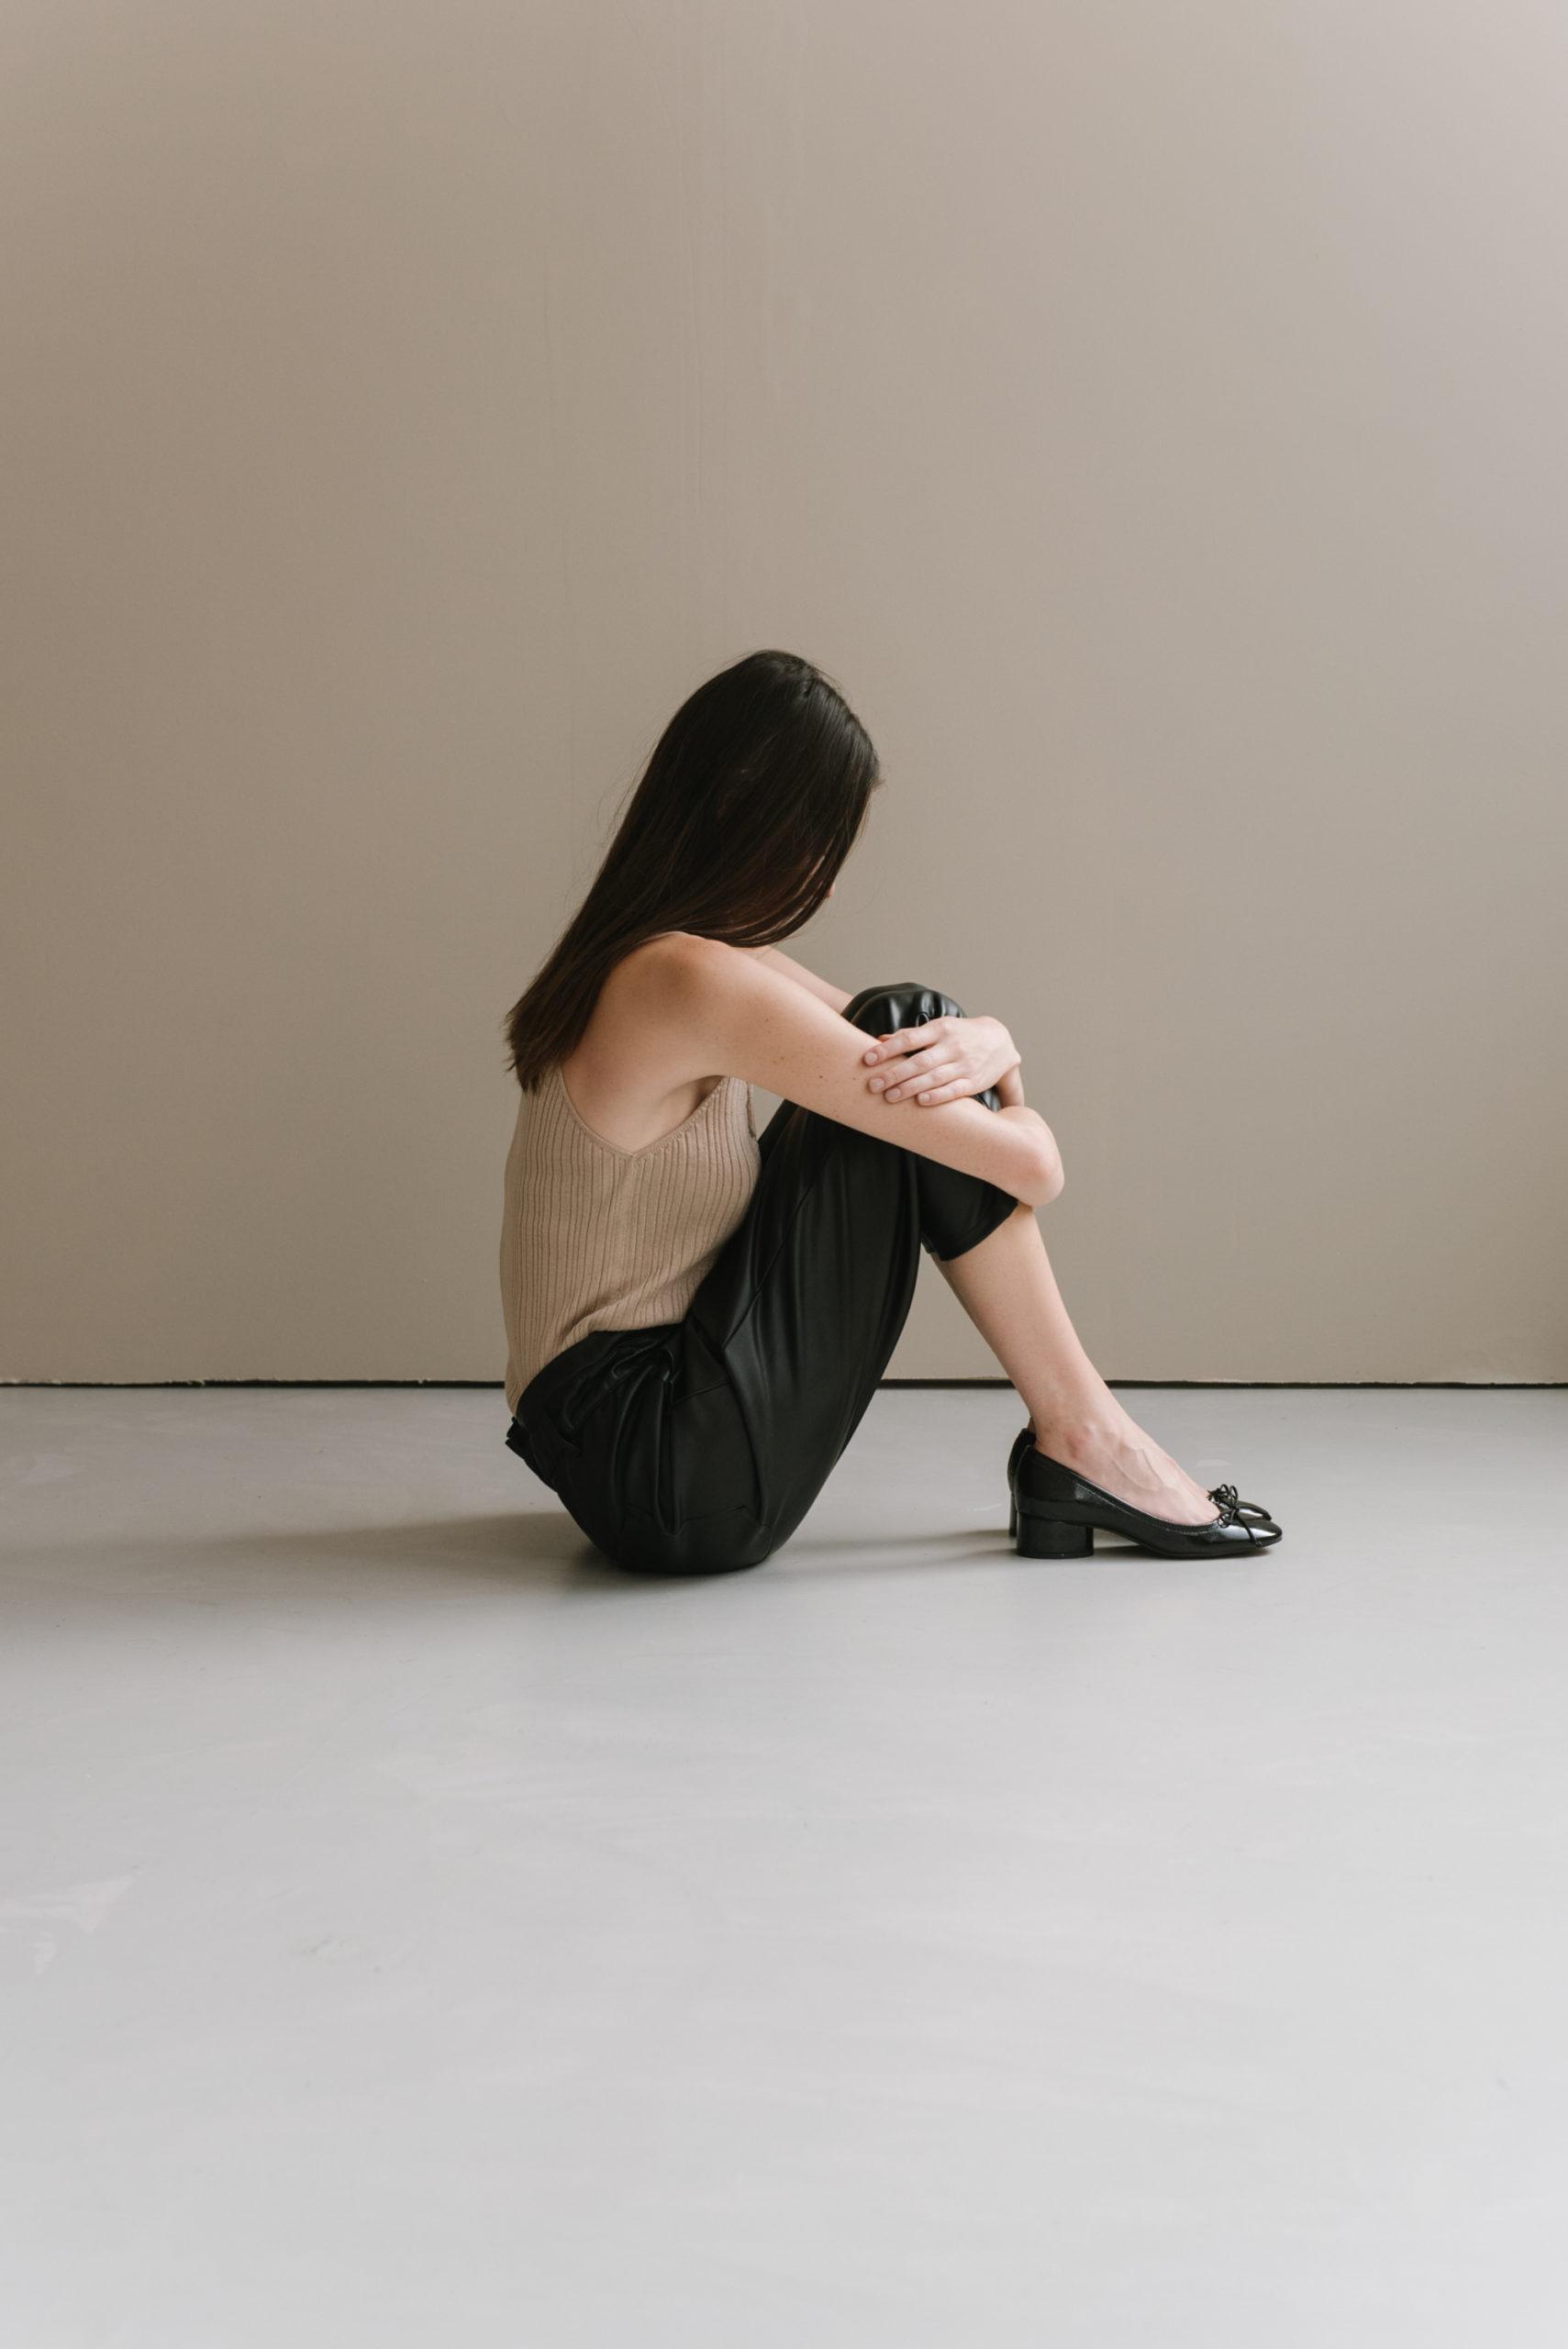 Chloé Lapeyssonnie - photographe - commercial mode femme homme fashion accessoires - Jonak